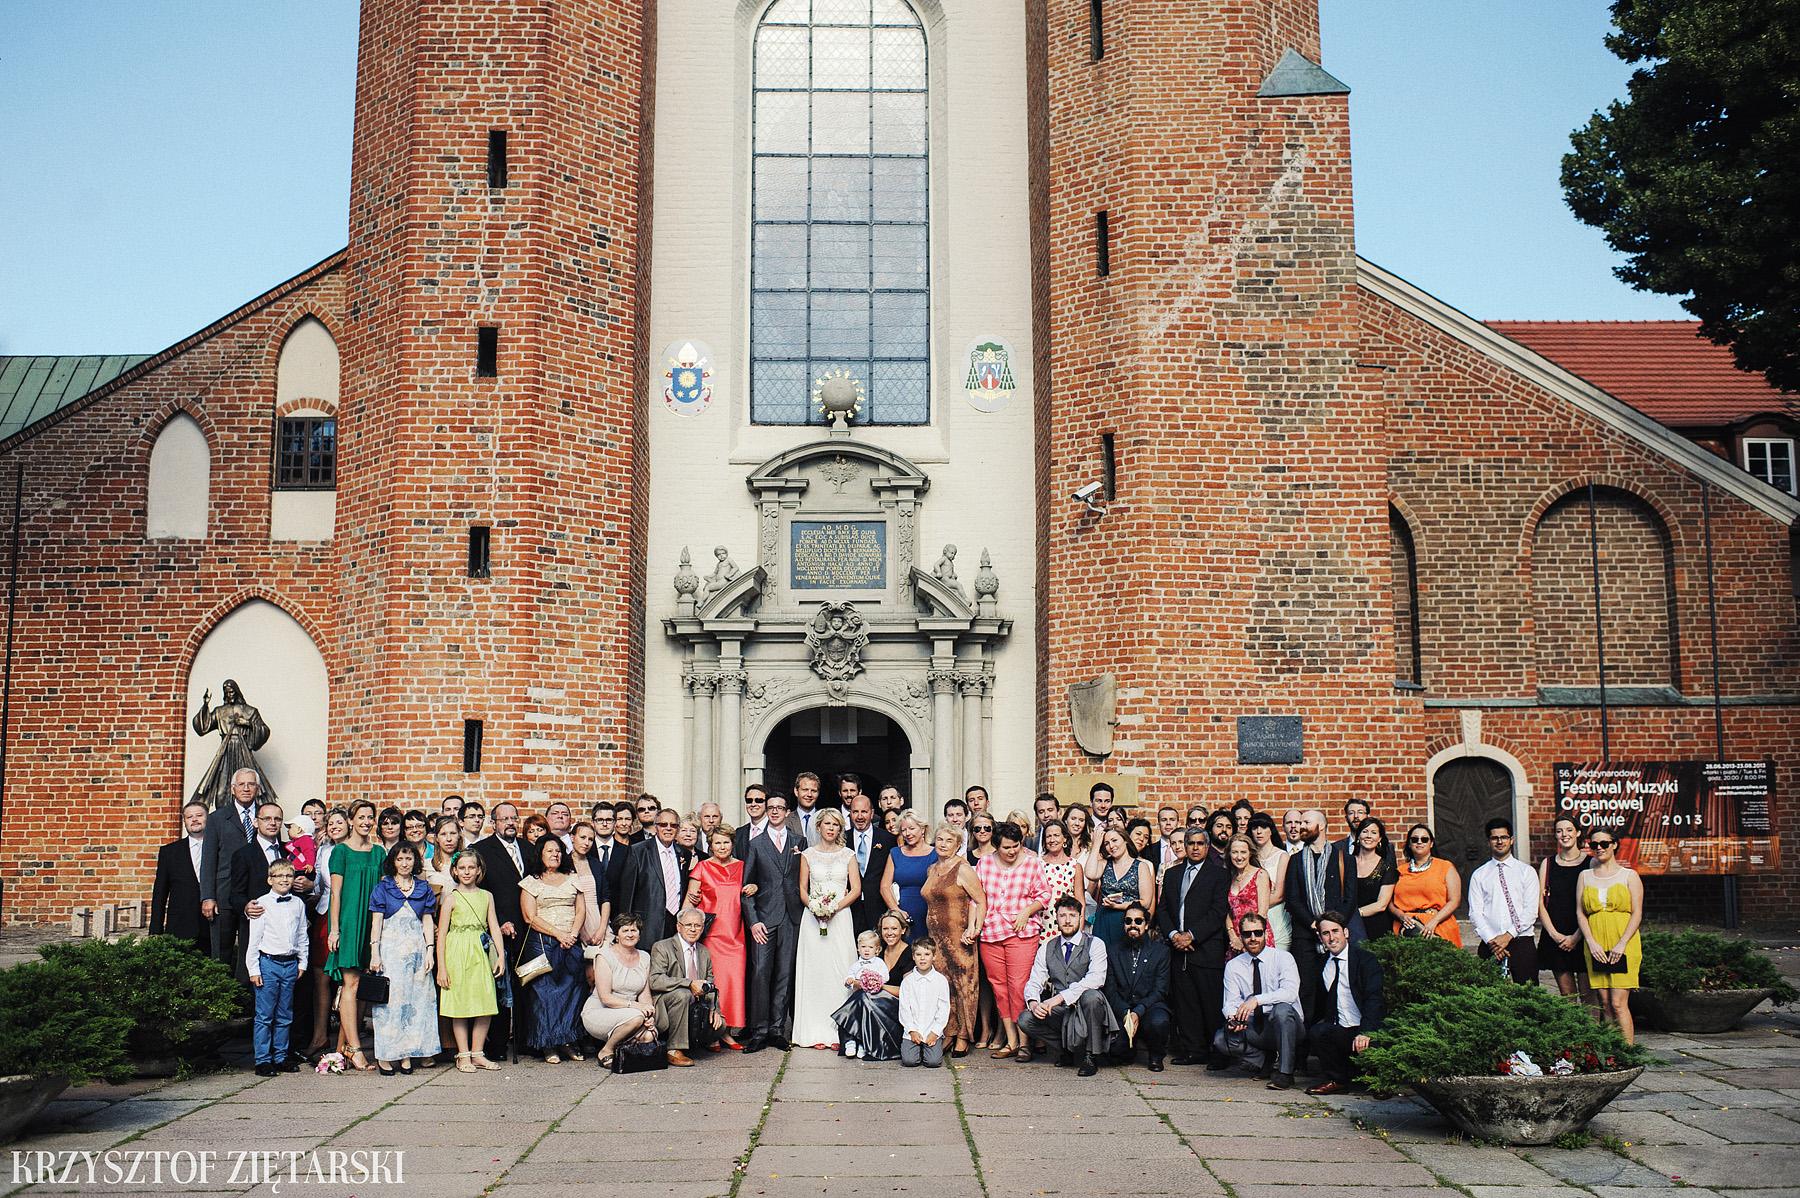 Marysia i Ollie - Fotografia ślubna Gdańsk, Katedra Oliwska, wesele Hotel Mera Sopot, plener Gdynia Orłowo - 28.